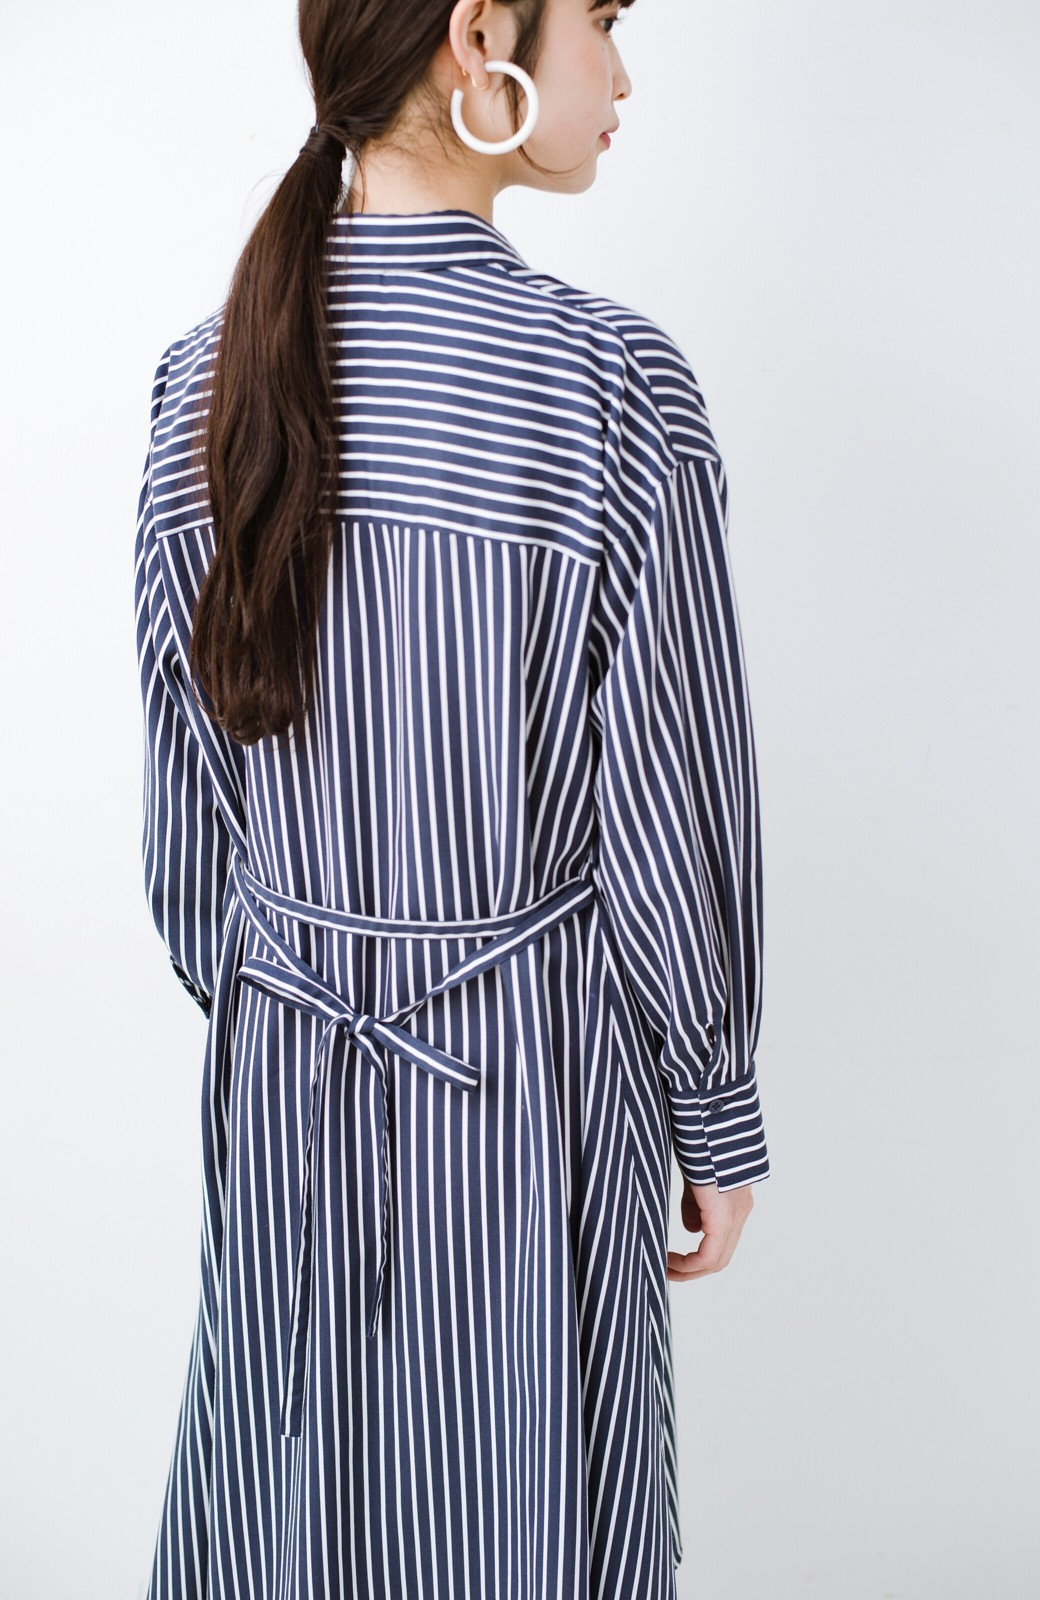 haco! 長ーーい季節着られる! 単品づかいはもちろん重ね着も楽しいシャツワンピース  <ネイビー>の商品写真28